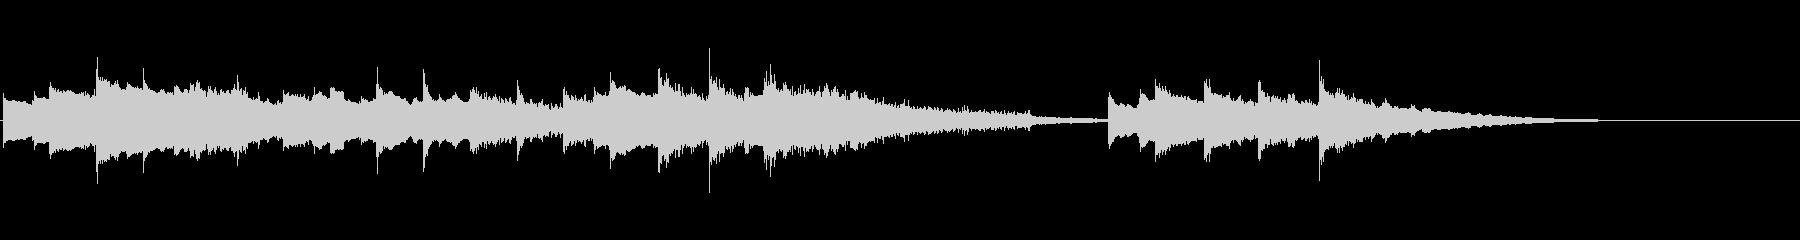 シンプルで可愛らしいハッピーバースデーの未再生の波形